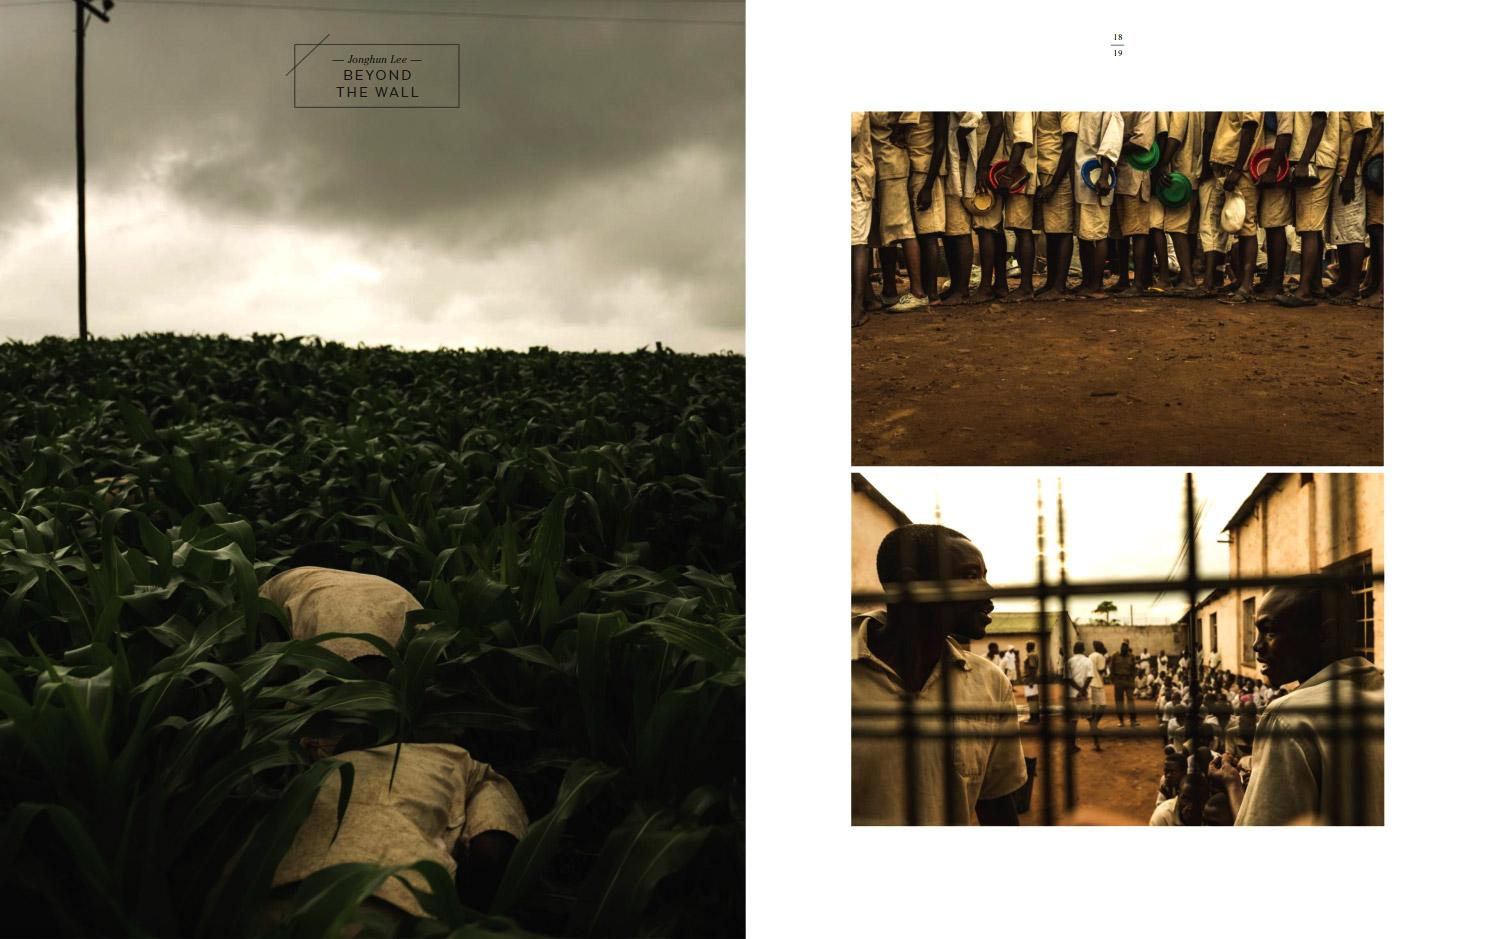 За стеной, © Джонфун Ли / Jonghun Lee, Фотоконкурс «Новый фотограф» / Emerging Photographer